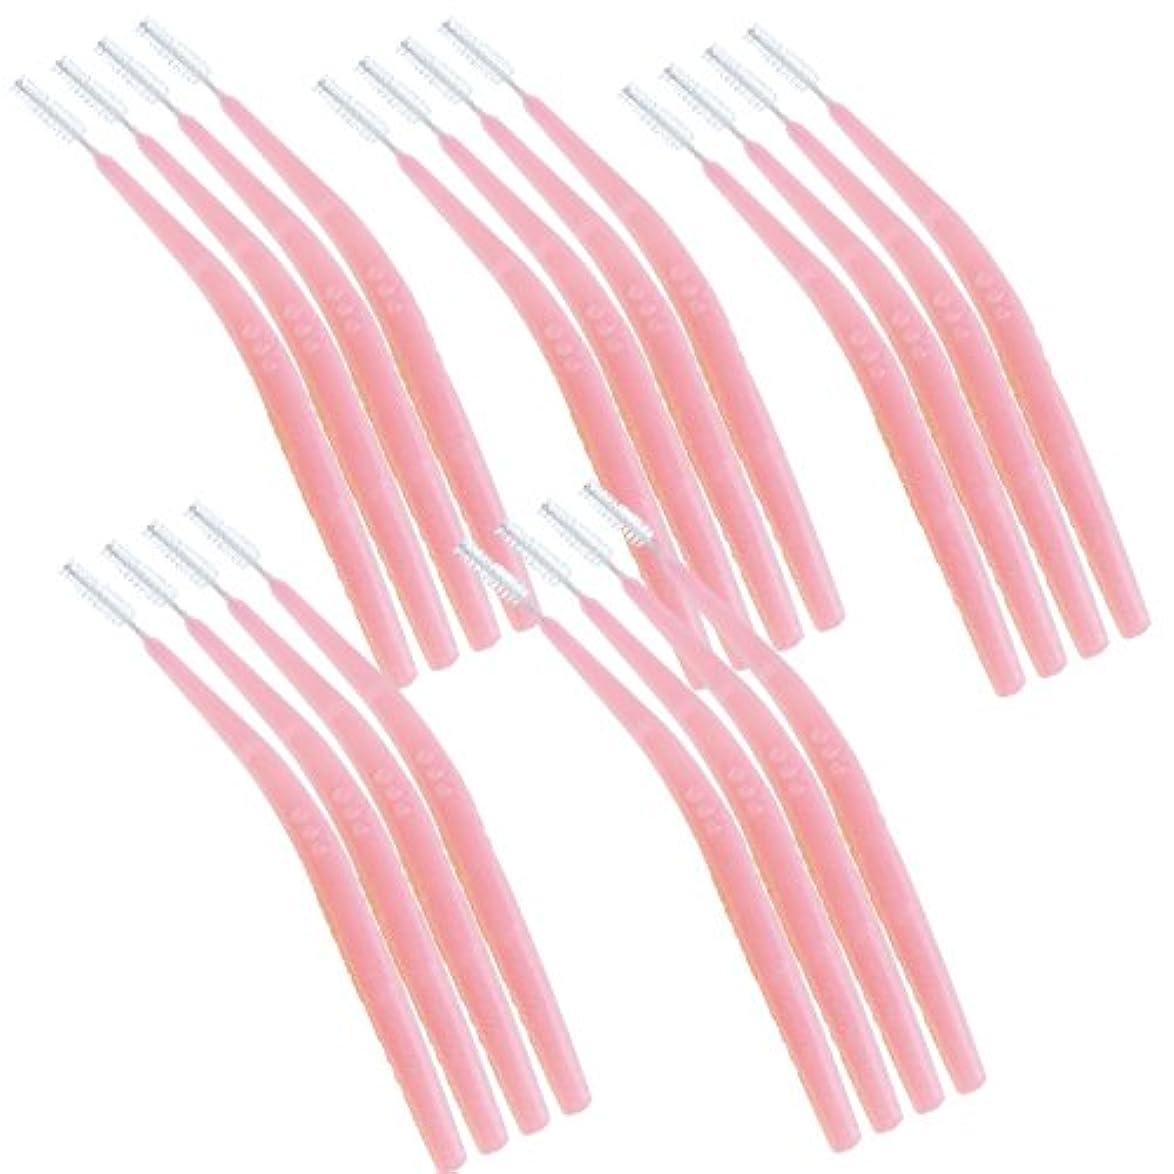 プロスペック 歯間ブラシ カーブアクア 4本入 ×5パック M アクアレッド